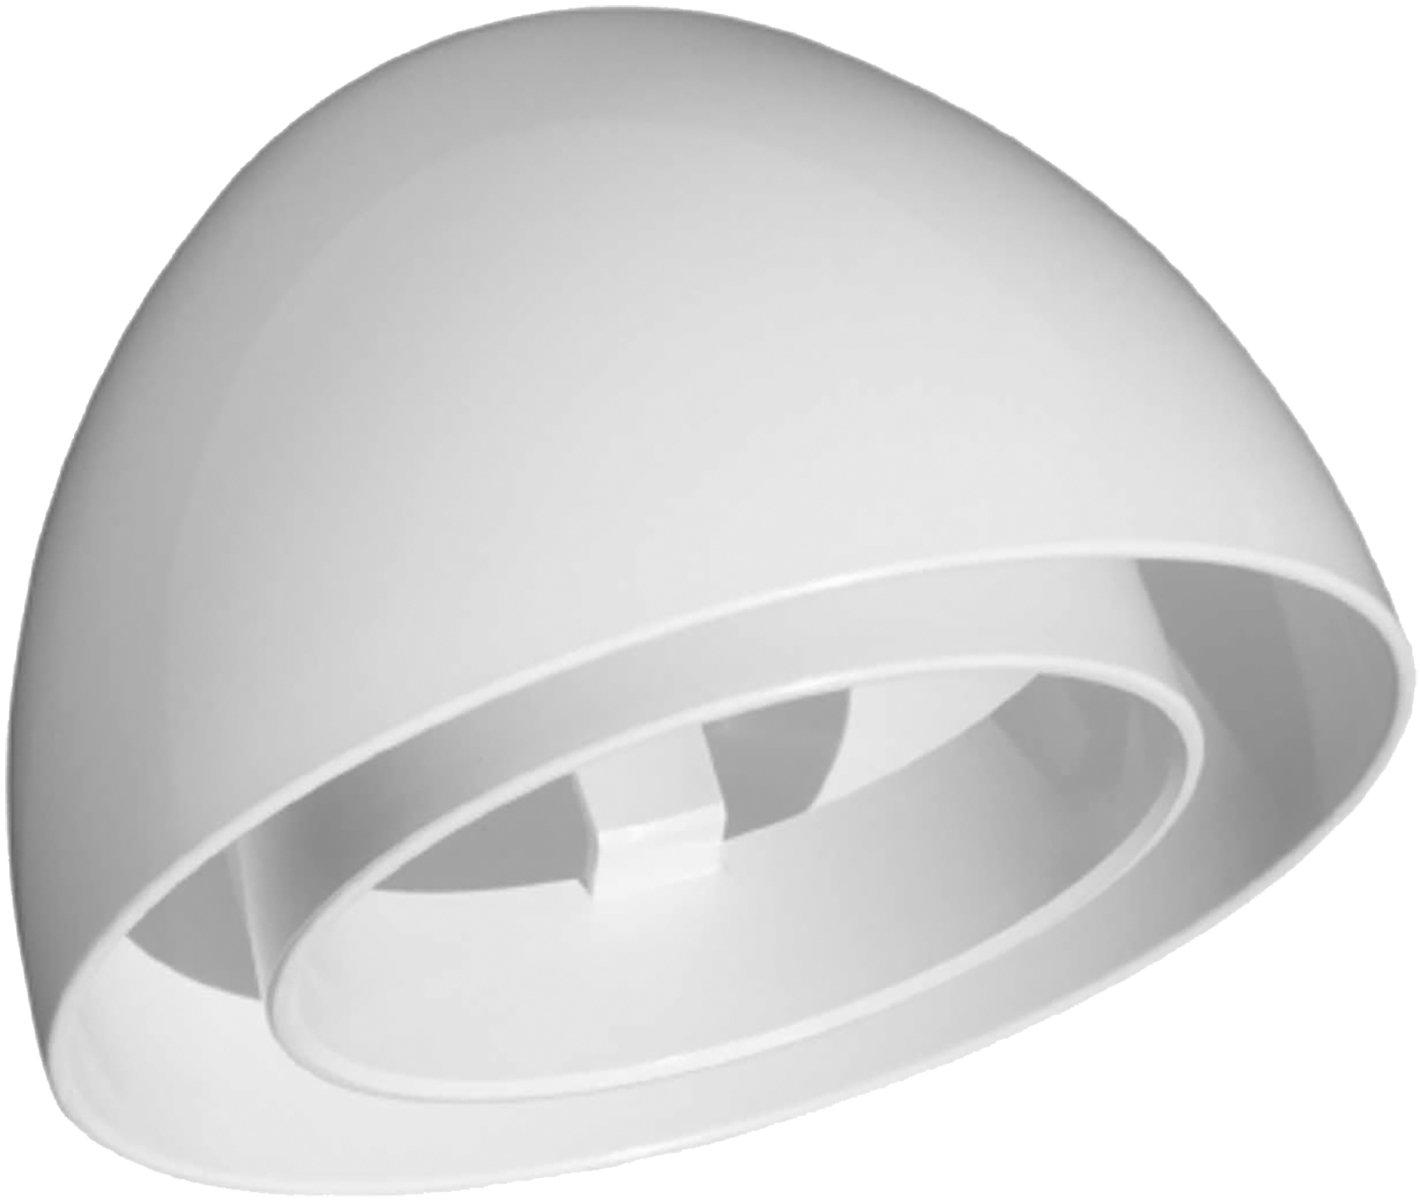 Supco ECAP321 PVC Flue Cap